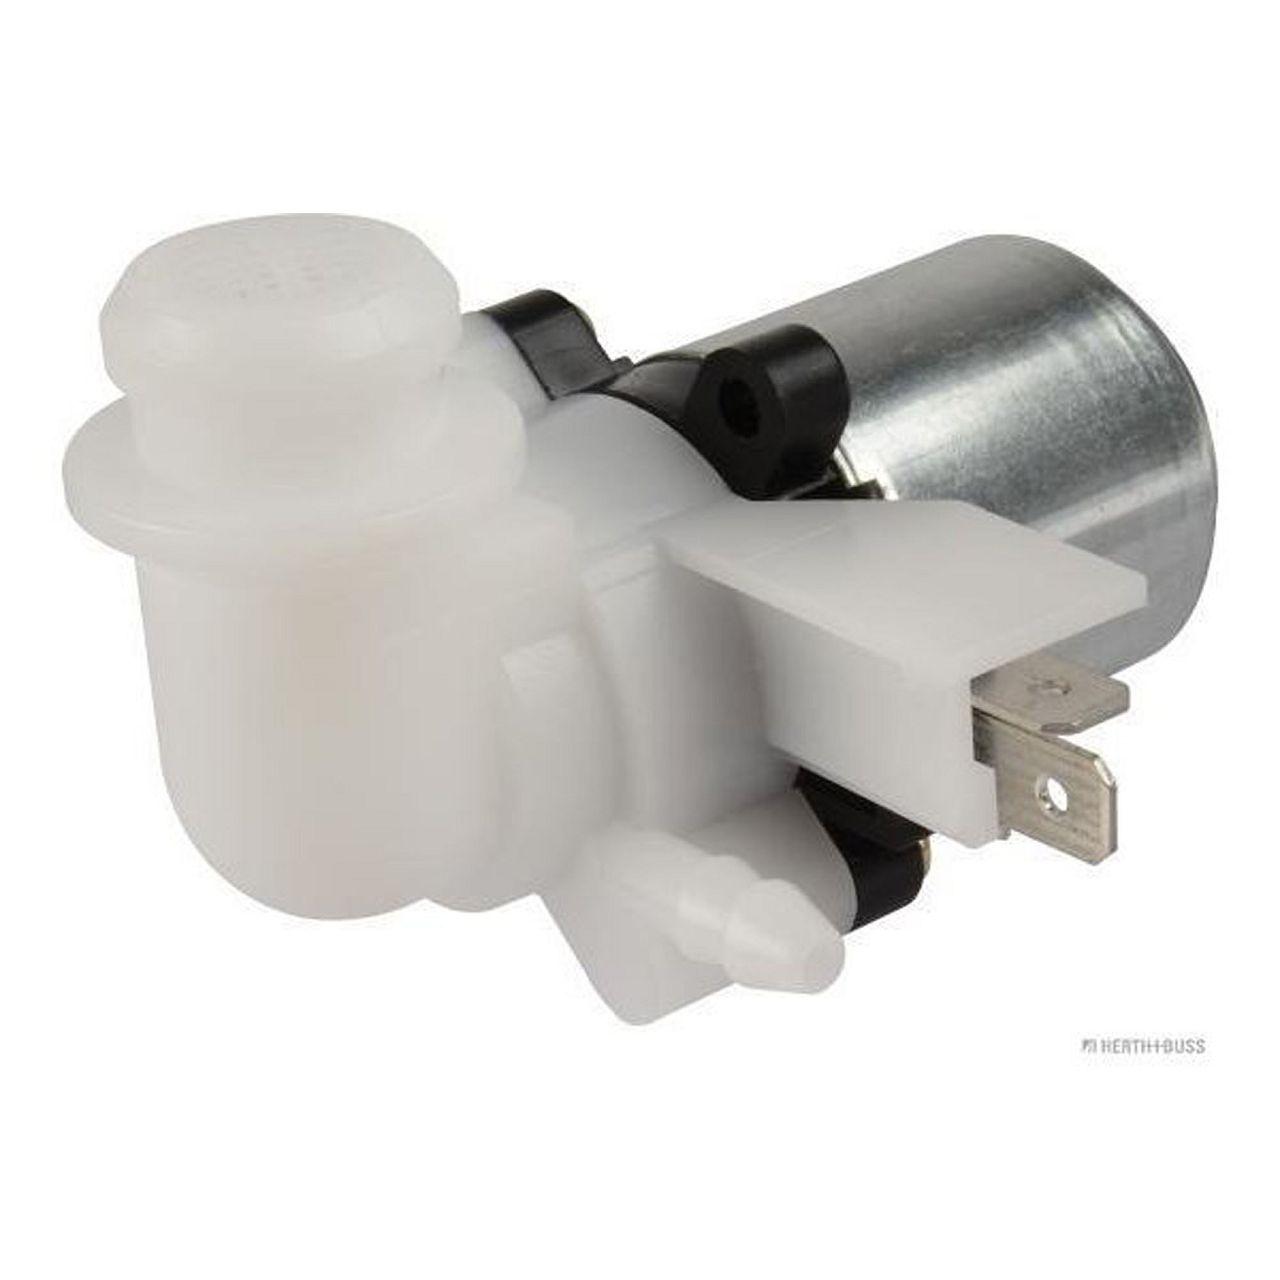 HERTH+BUSS ELPARTS Waschwasserpumpe für CITROEN JUMPER FIAT DUCATO PEUGEOT BOXE